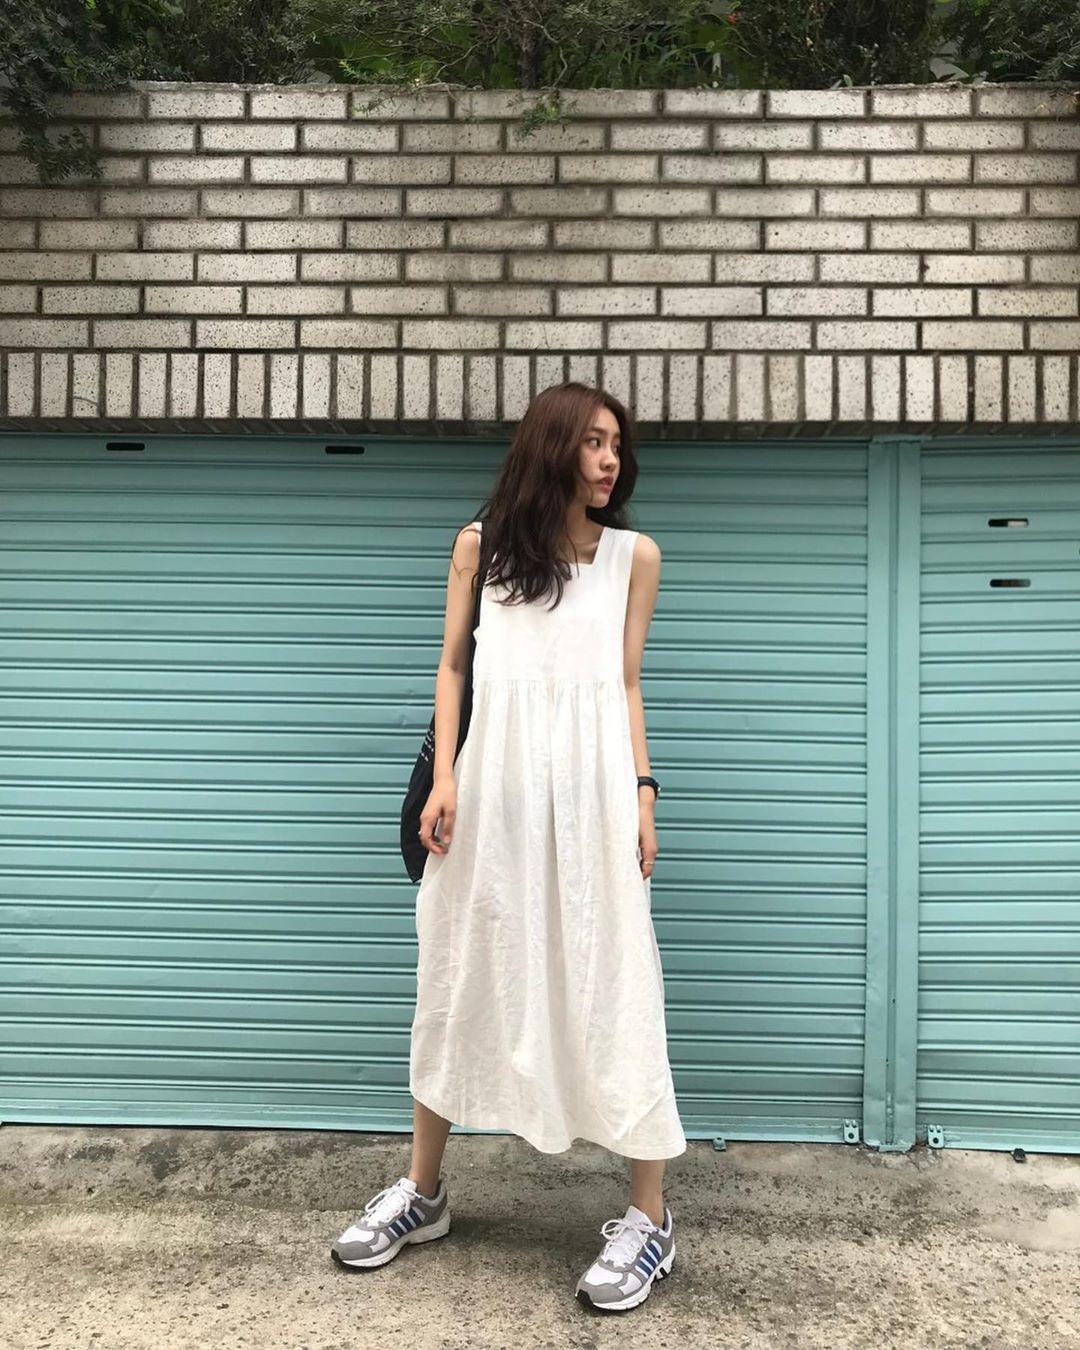 Muốn mặc đẹp hãy tham khảo 15 bộ đồ từ street style châu Á dưới đây, với rất nhiều gợi ý váy áo thô/đũi mát mẻ - Ảnh 1.